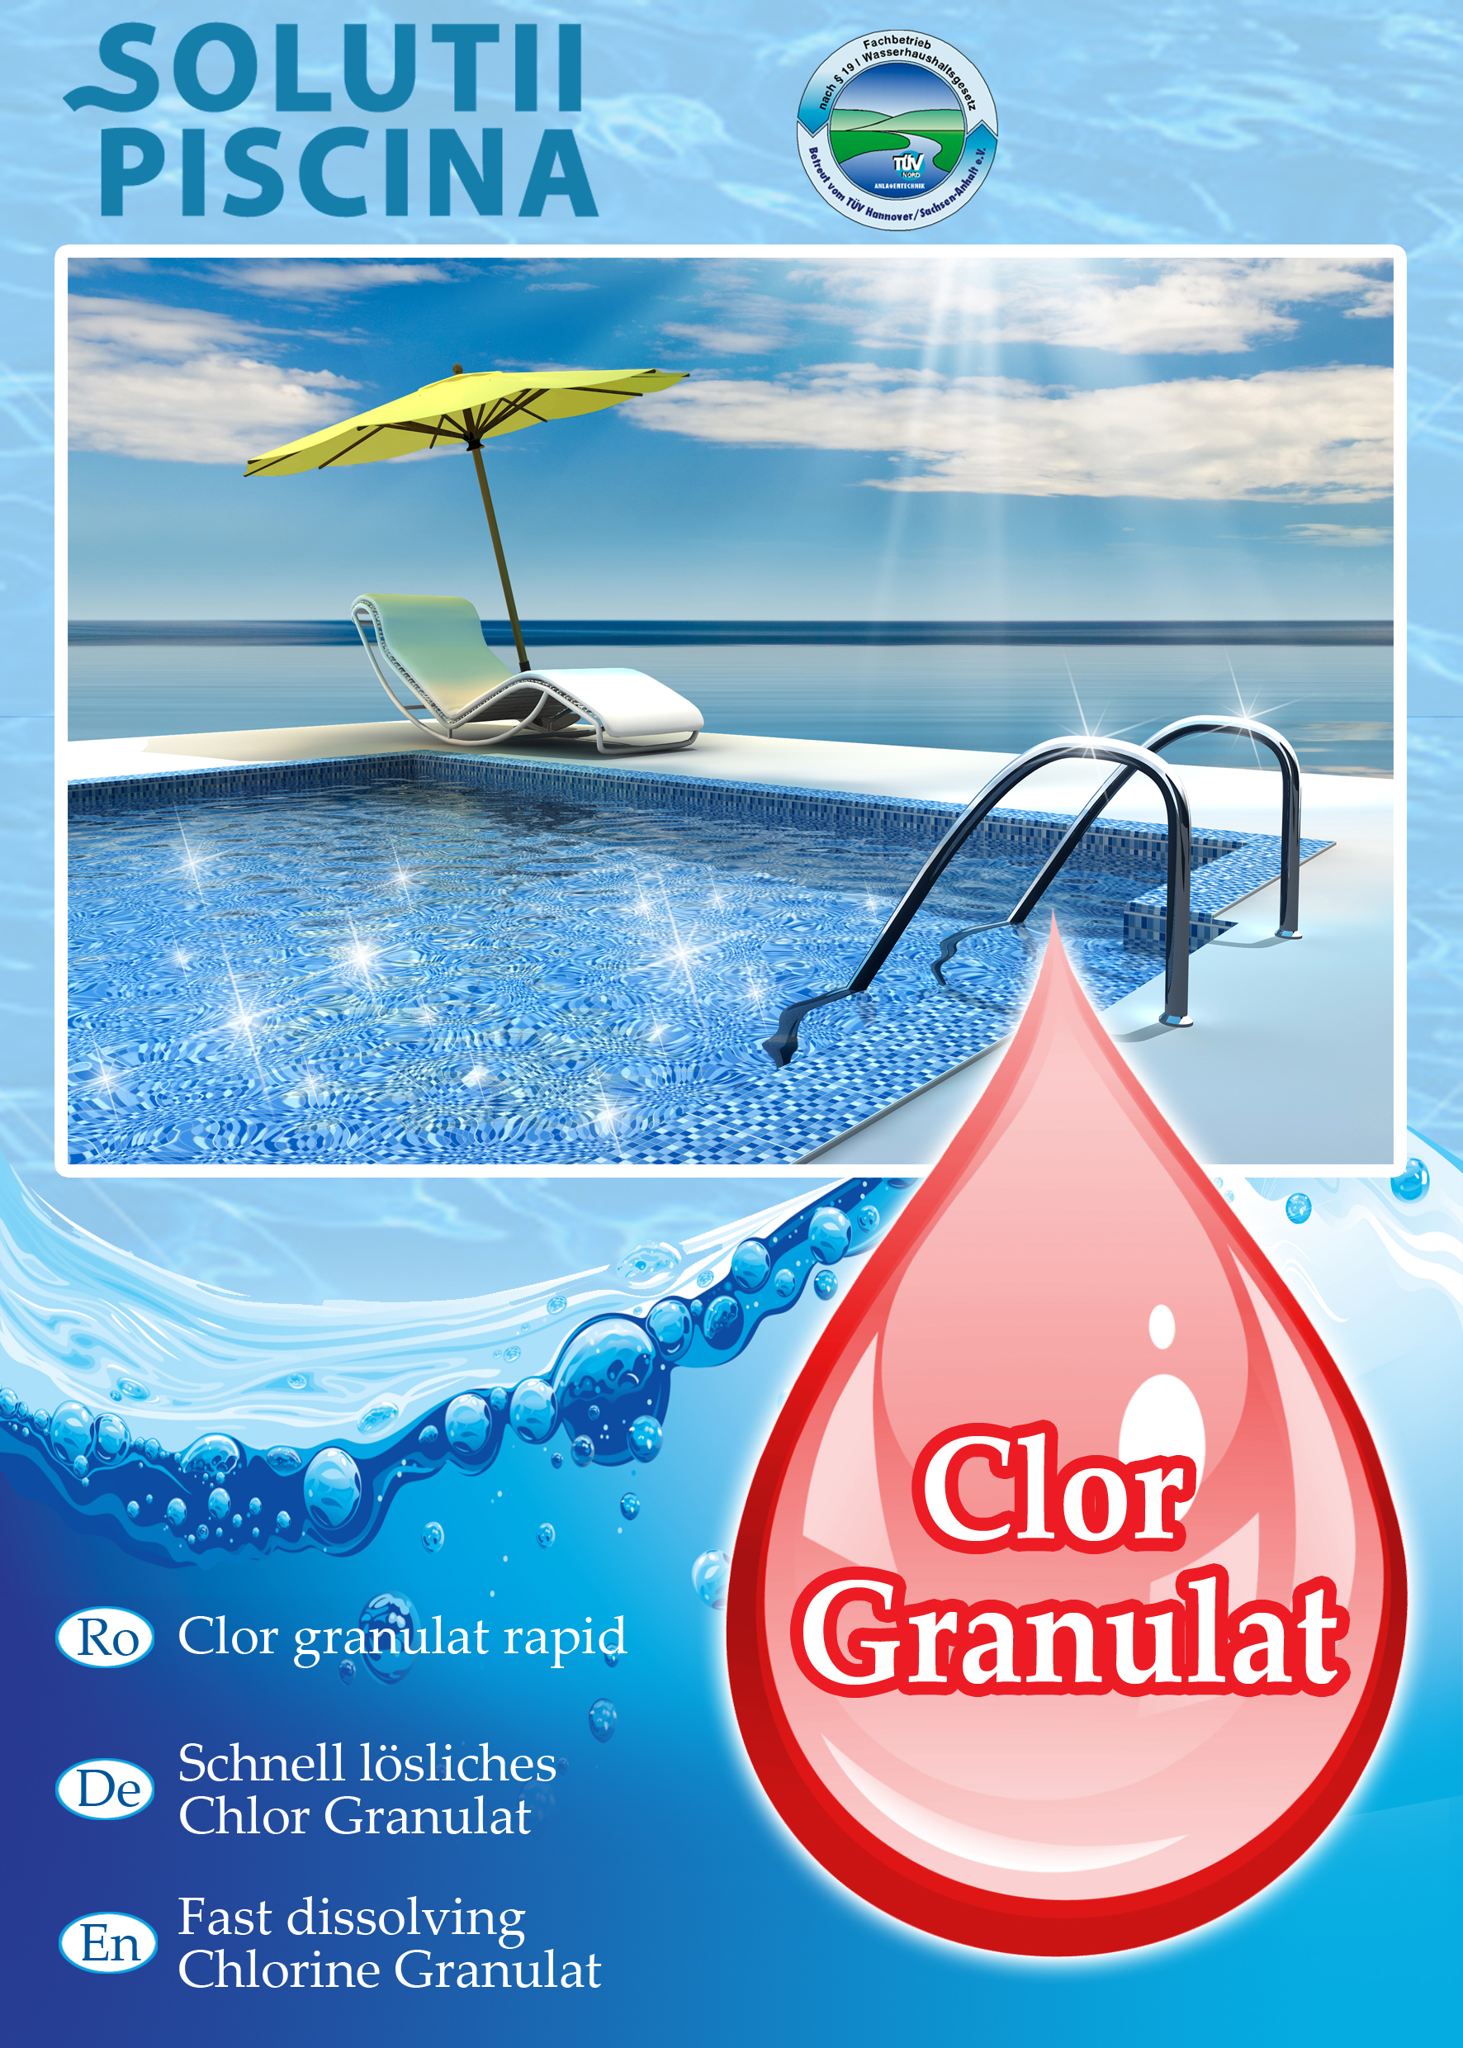 Clor Granulat